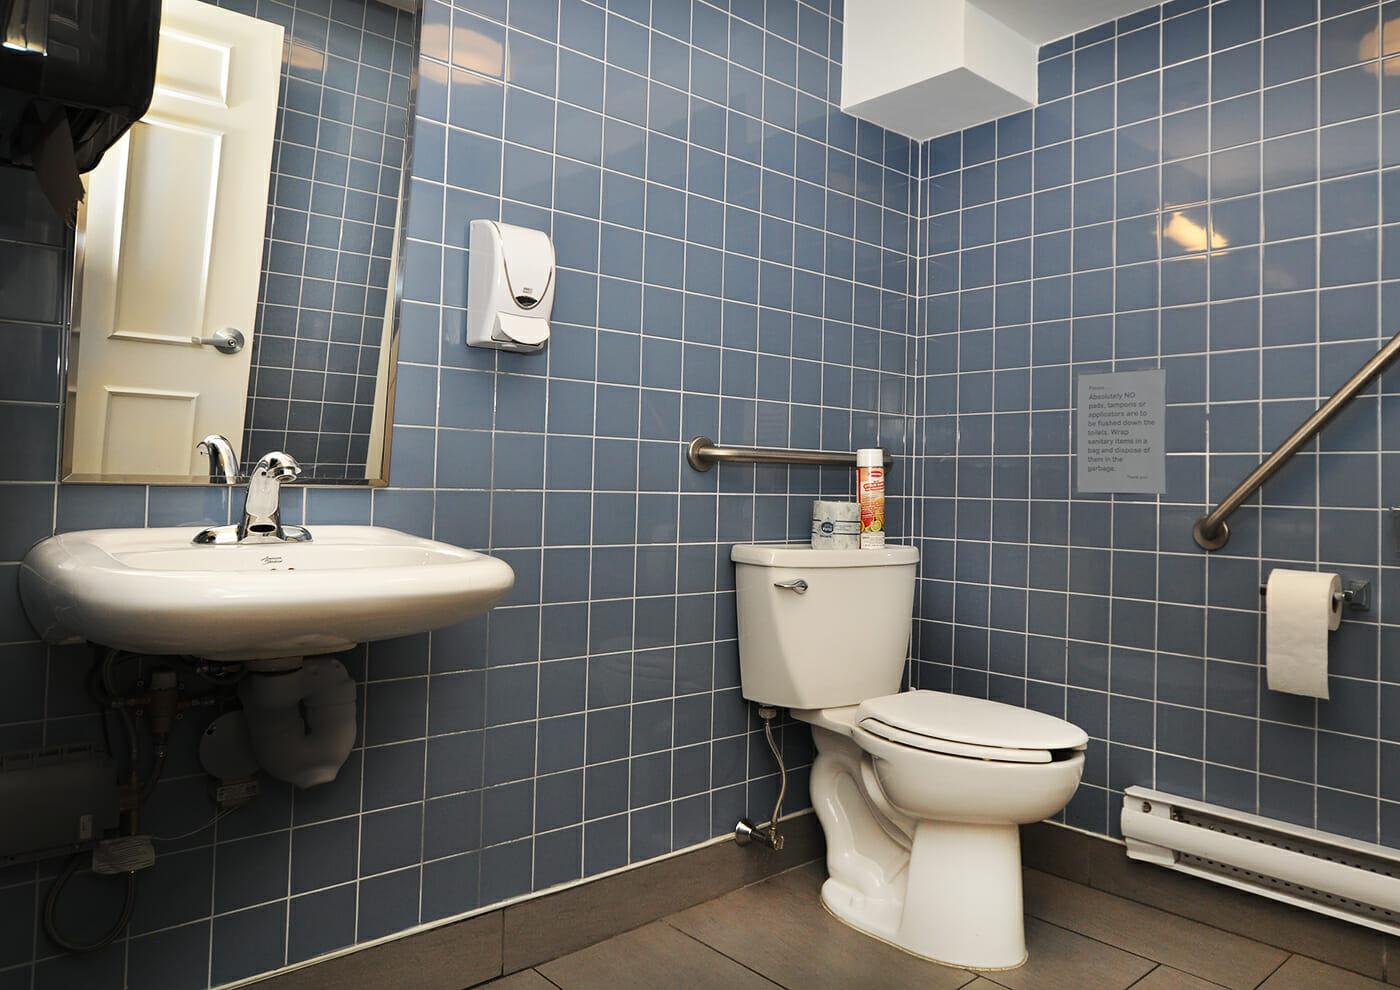 Bathroom at Munro Centre.